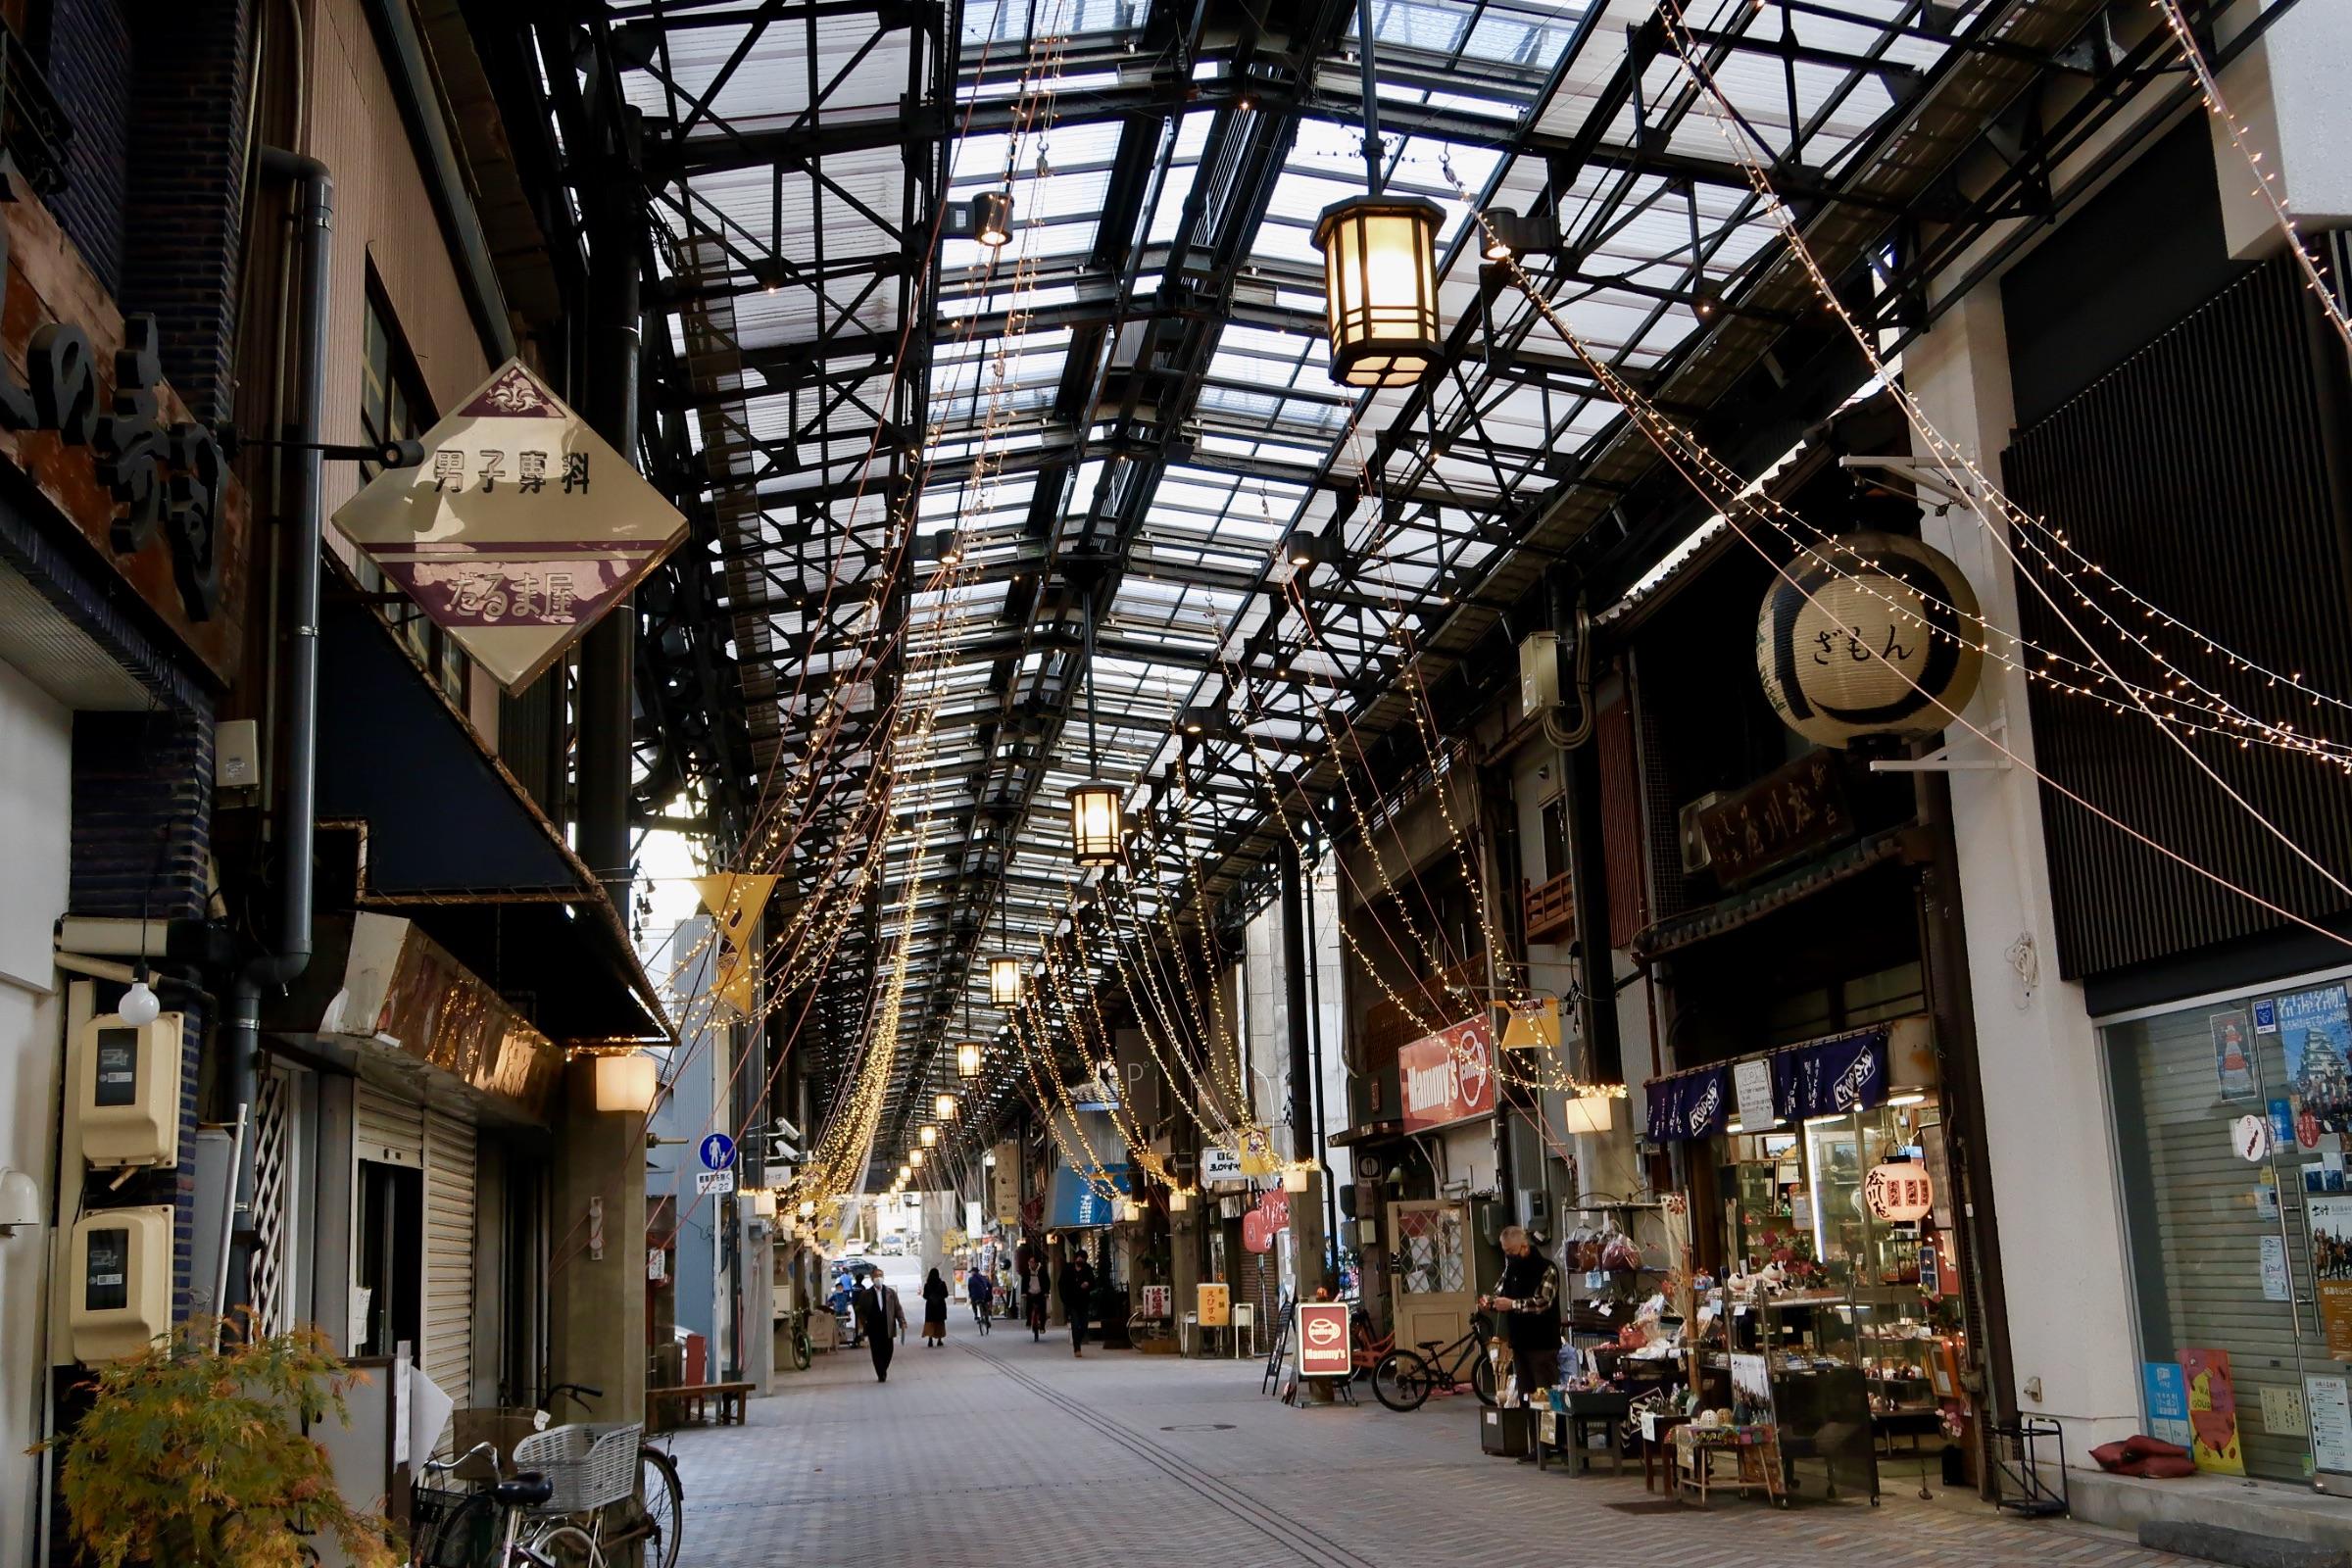 名古屋駅周辺でのんびり過ごそう!朝から晩まで癒しの旅を。 - 55000956 2043 4FA8 B4E7 A1225720CCCD 1 201 a